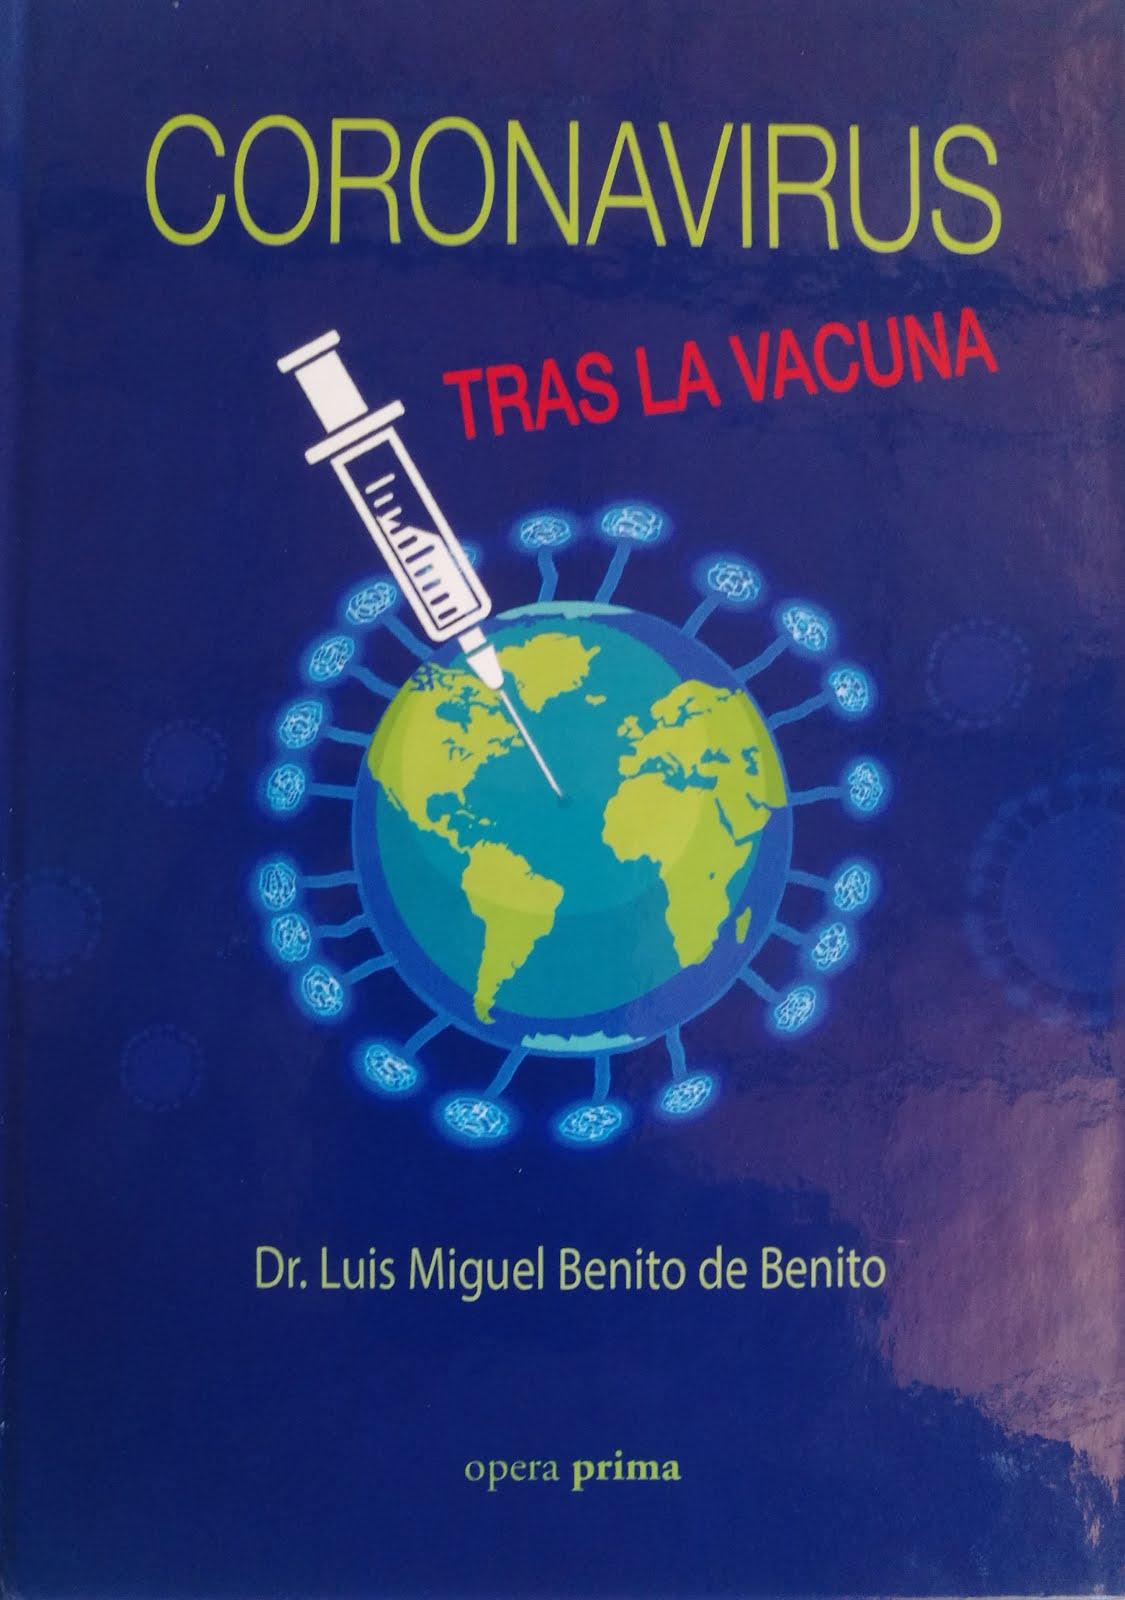 ¿Necesitamos de una vacuna?    CONSÍGUELO YA EN  info@libreria-cervantes.com